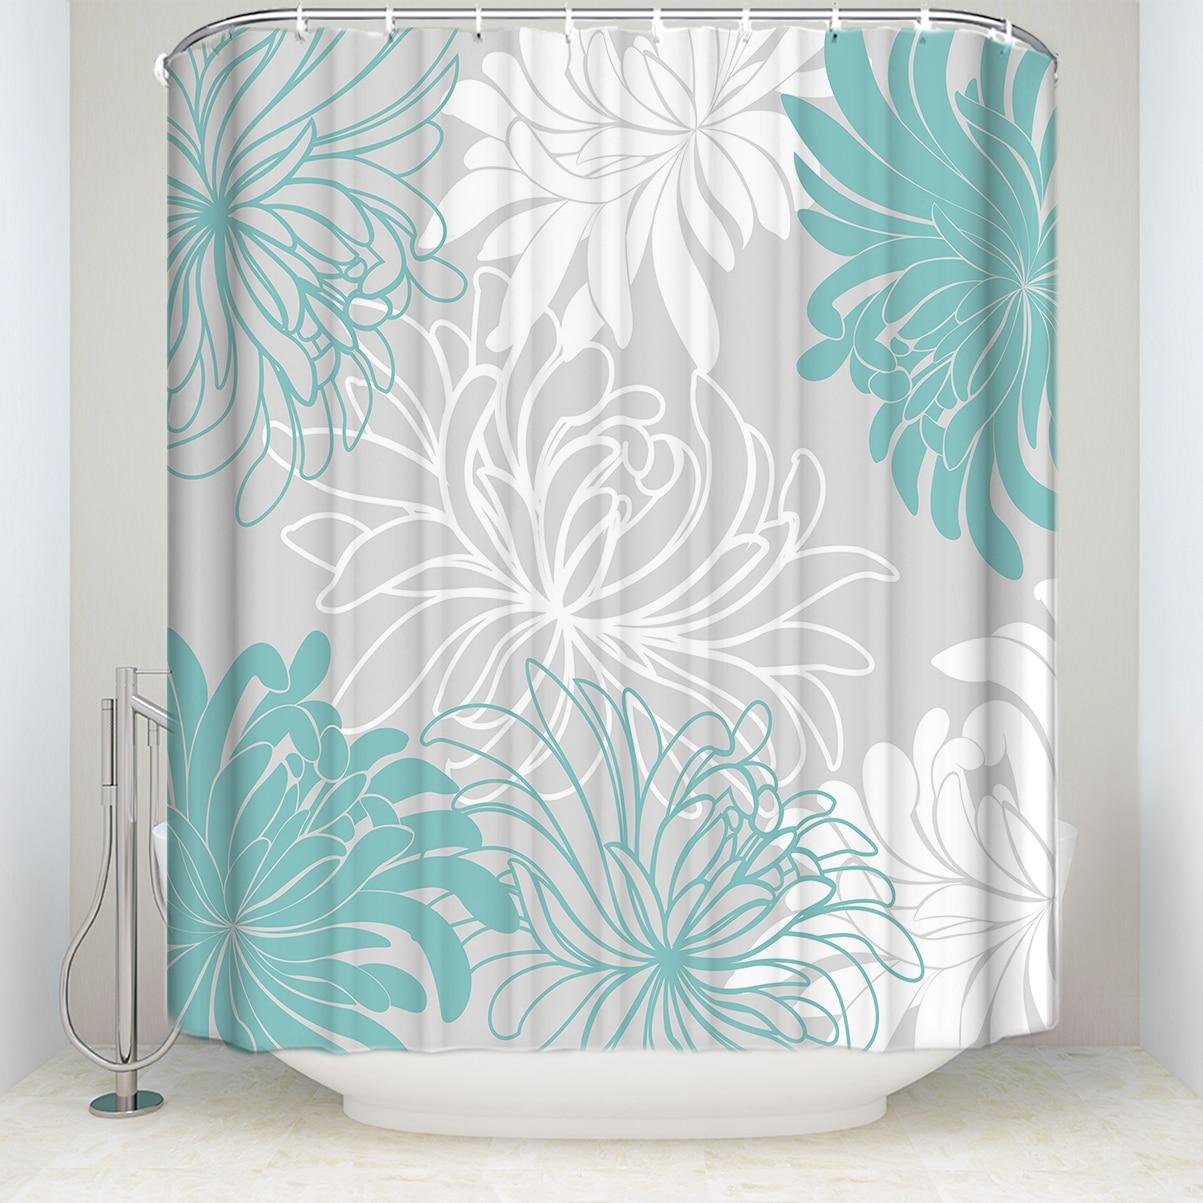 Impermeabile Tenda Doccia con Ganci In Tessuto Poliestere Daisy Motivo Floreale Bagno Tende per La Decorazione Domestica Bianco Grigio Blu Ciano